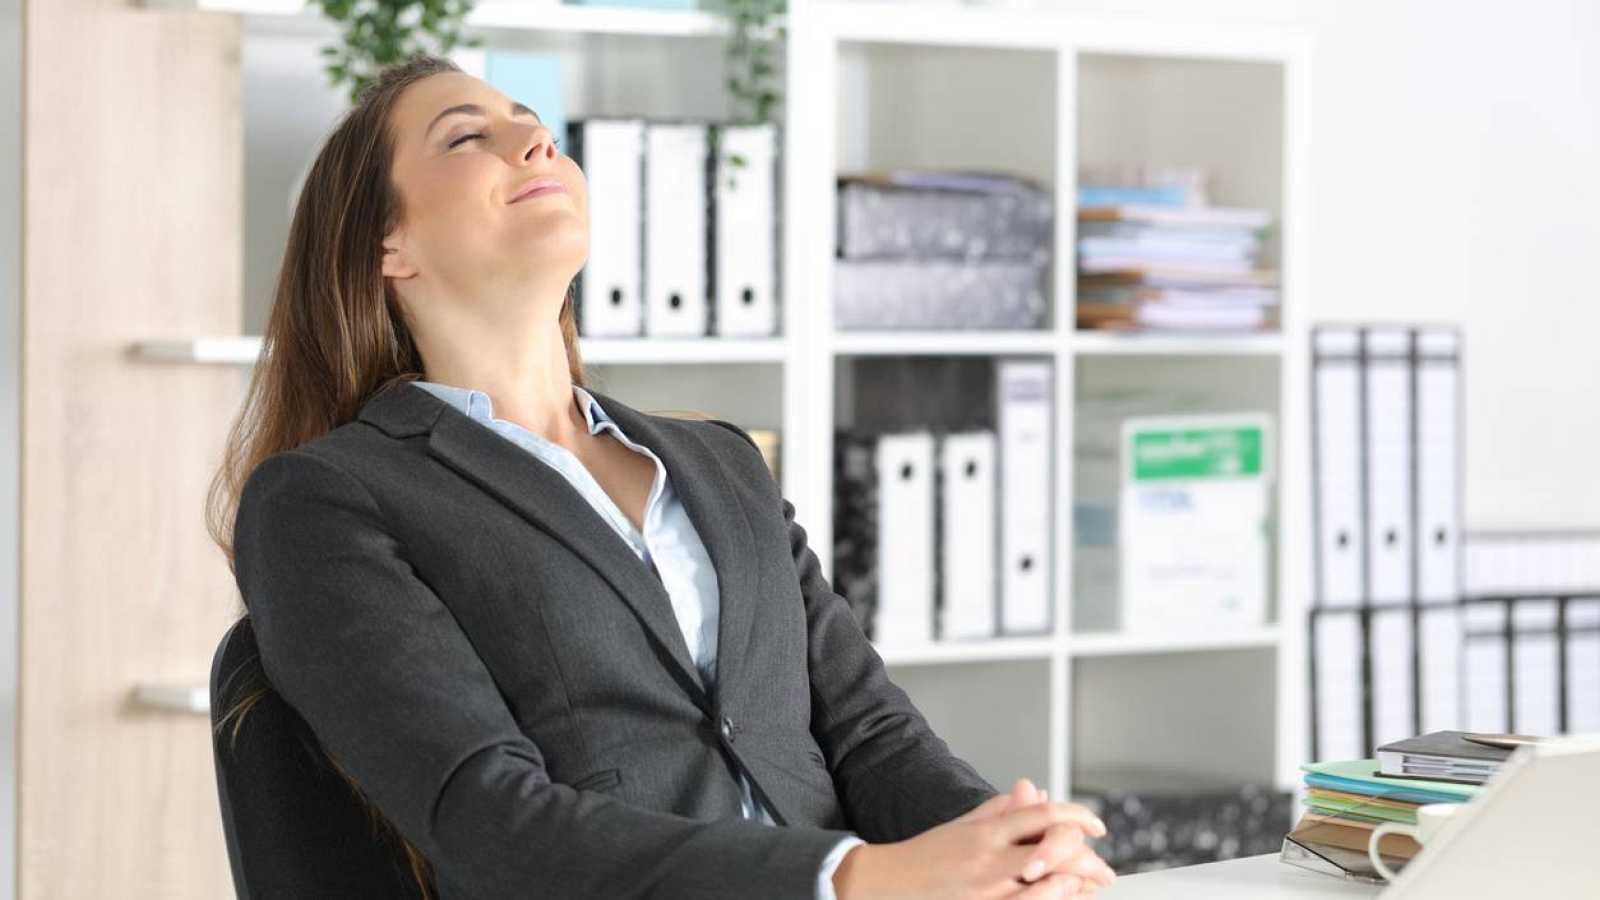 24 horas - El mindfulness y la productividad tóxica - Escuchar ahora